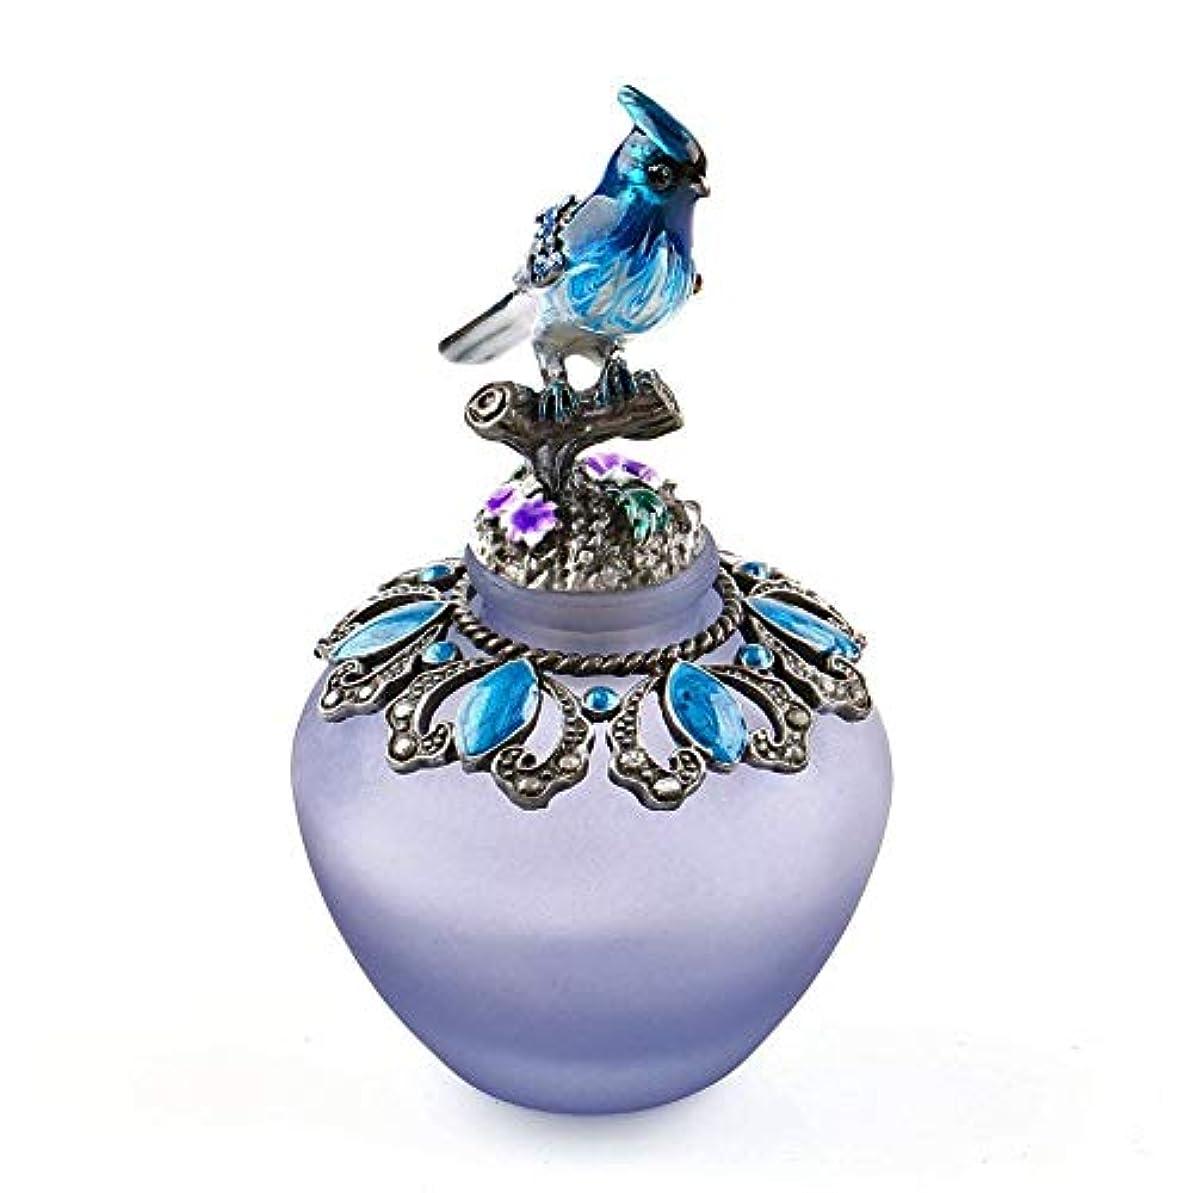 画家しっかり動力学EasyRaku 高品質 美しい香水瓶 鳥40ML ガラスアロマボトル 綺麗アンティーク調欧風デザイン クリスマスプレゼント 結婚式 飾り